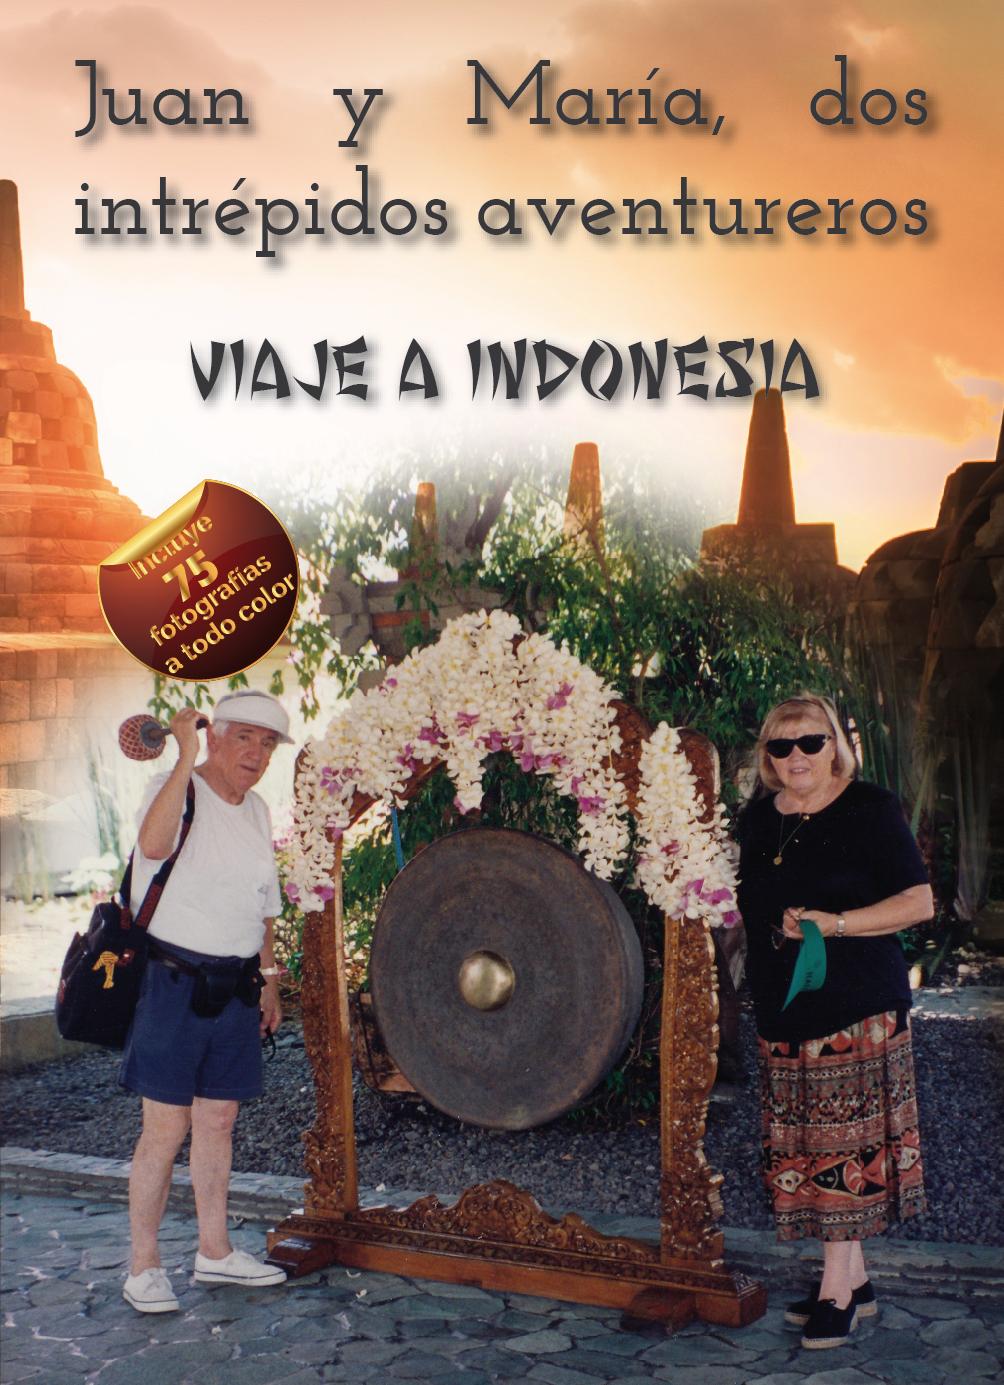 JUAN Y MARIA DOS INTREVIDOS AVENTUREROS VIAJE A INDONESIA